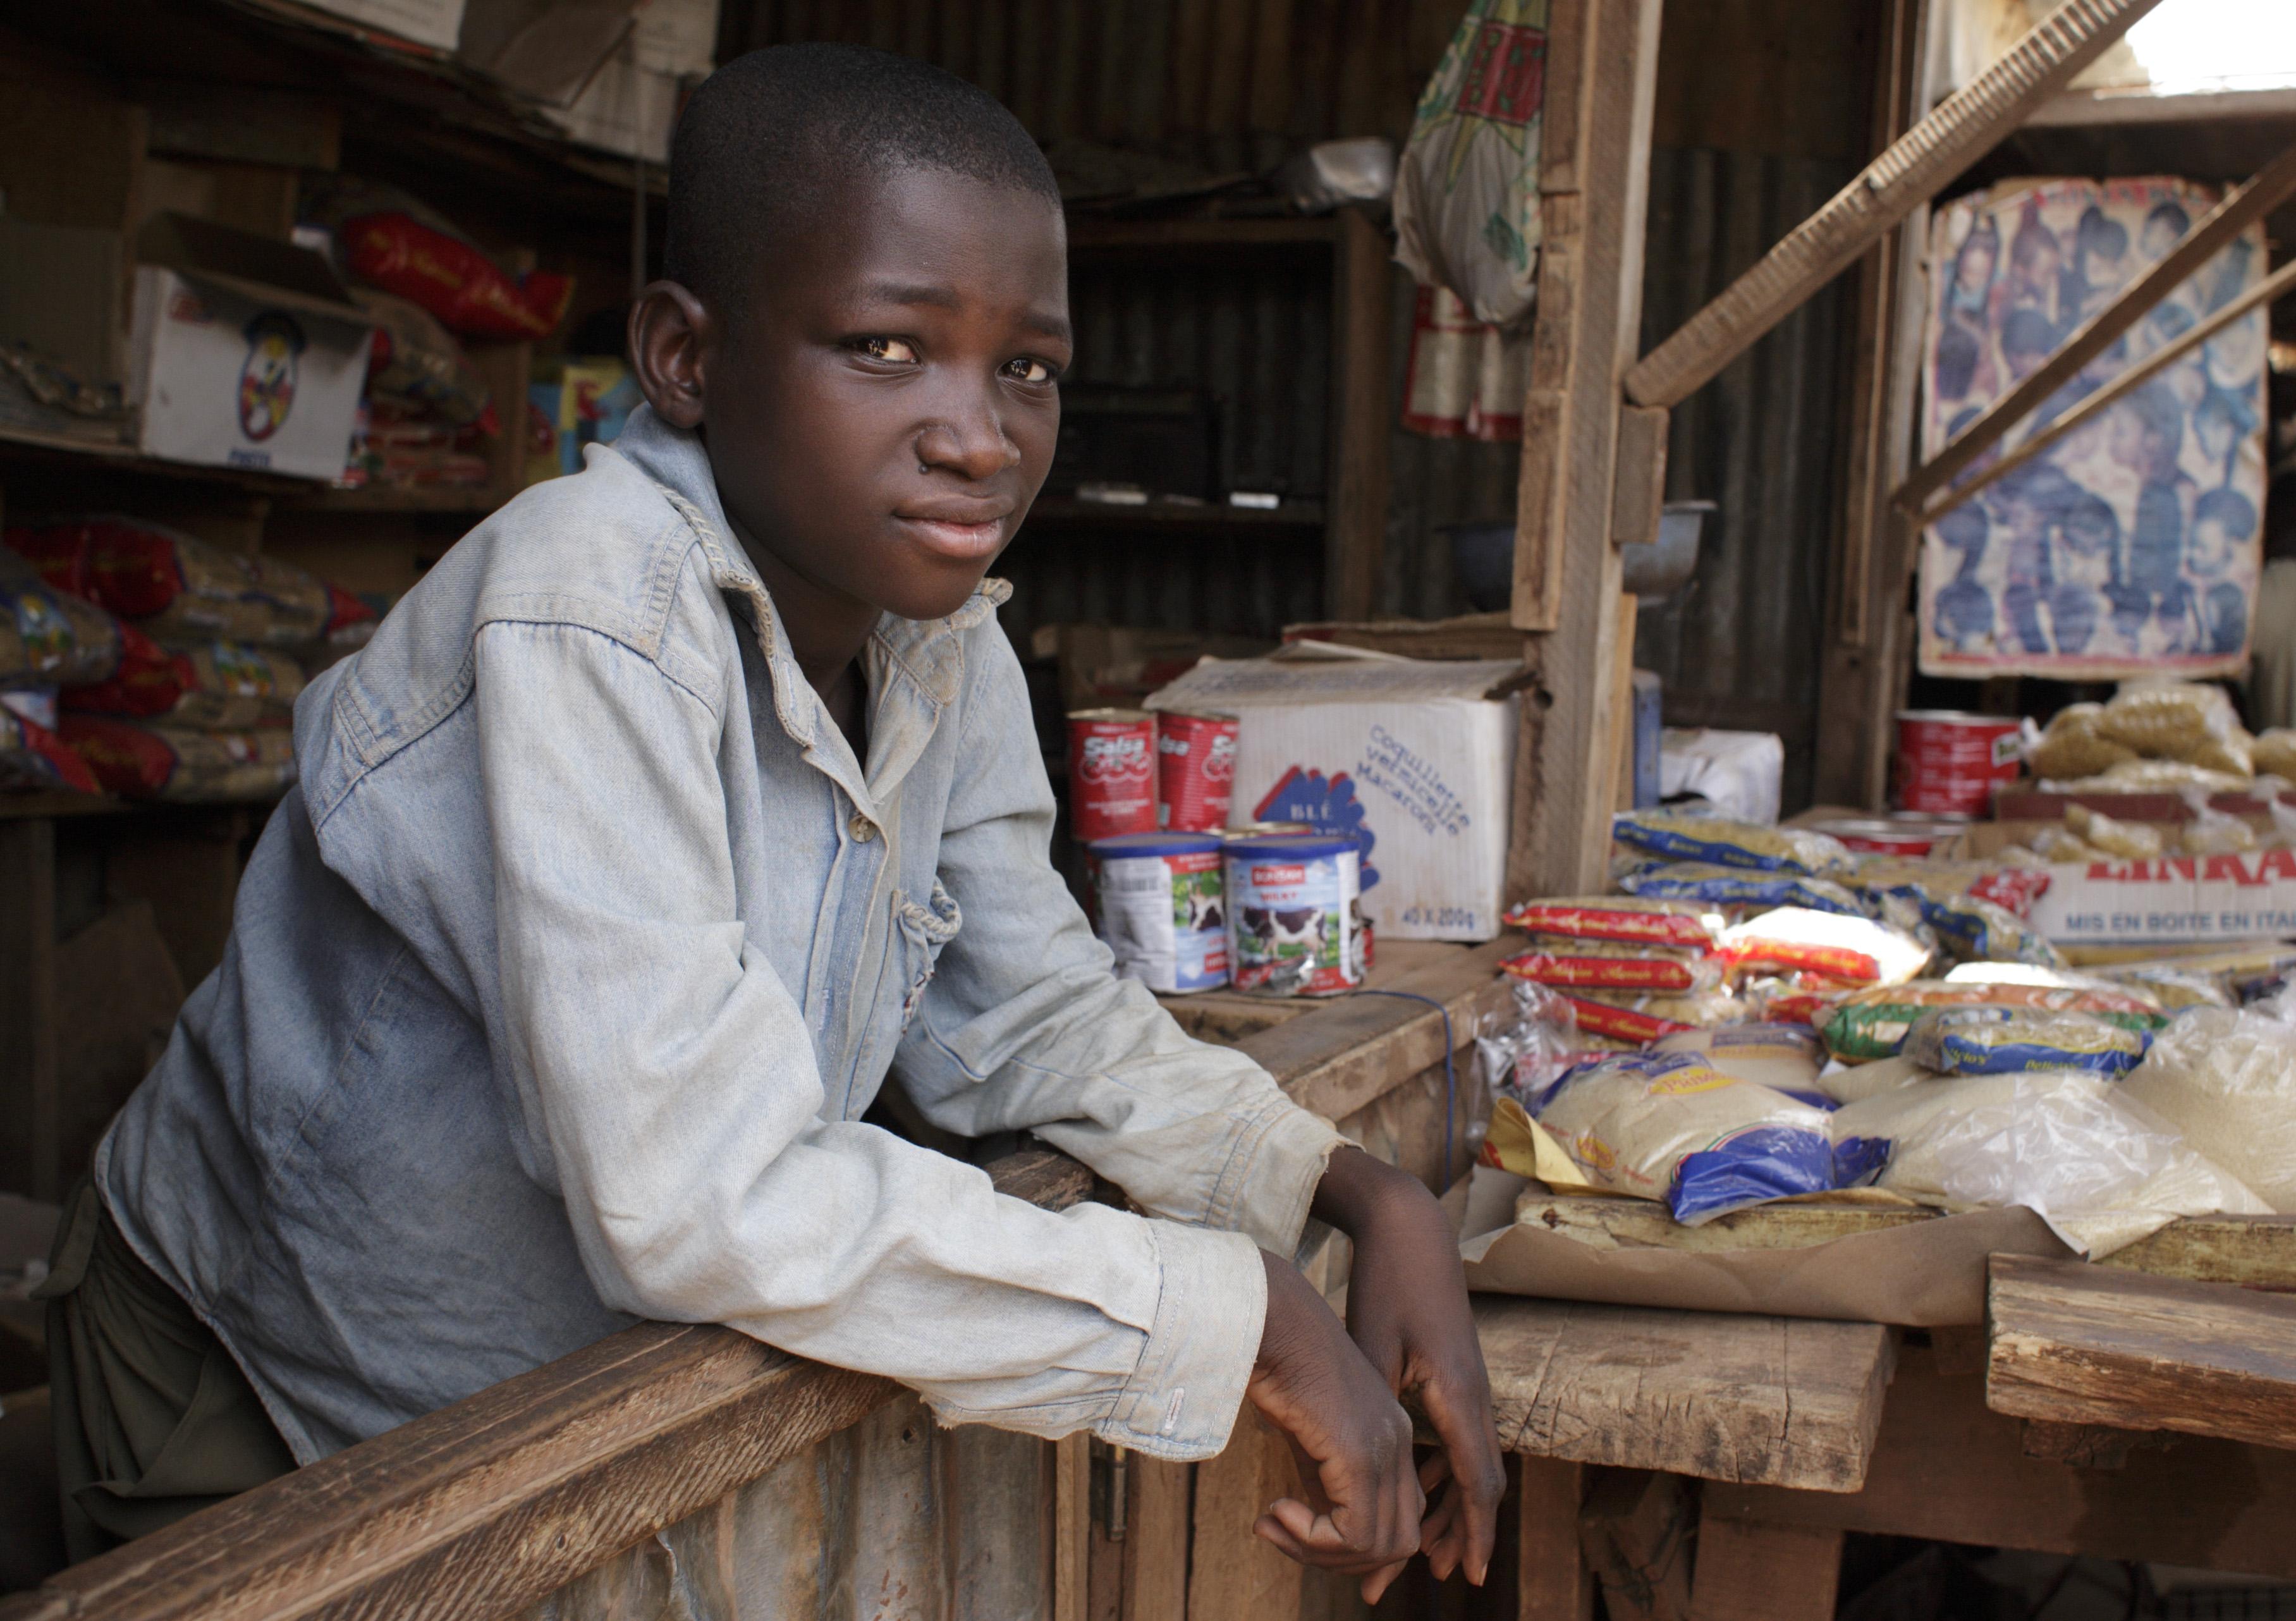 Ein Jugendlicher arbeitet in Burkina Faso an einem Marktstand.